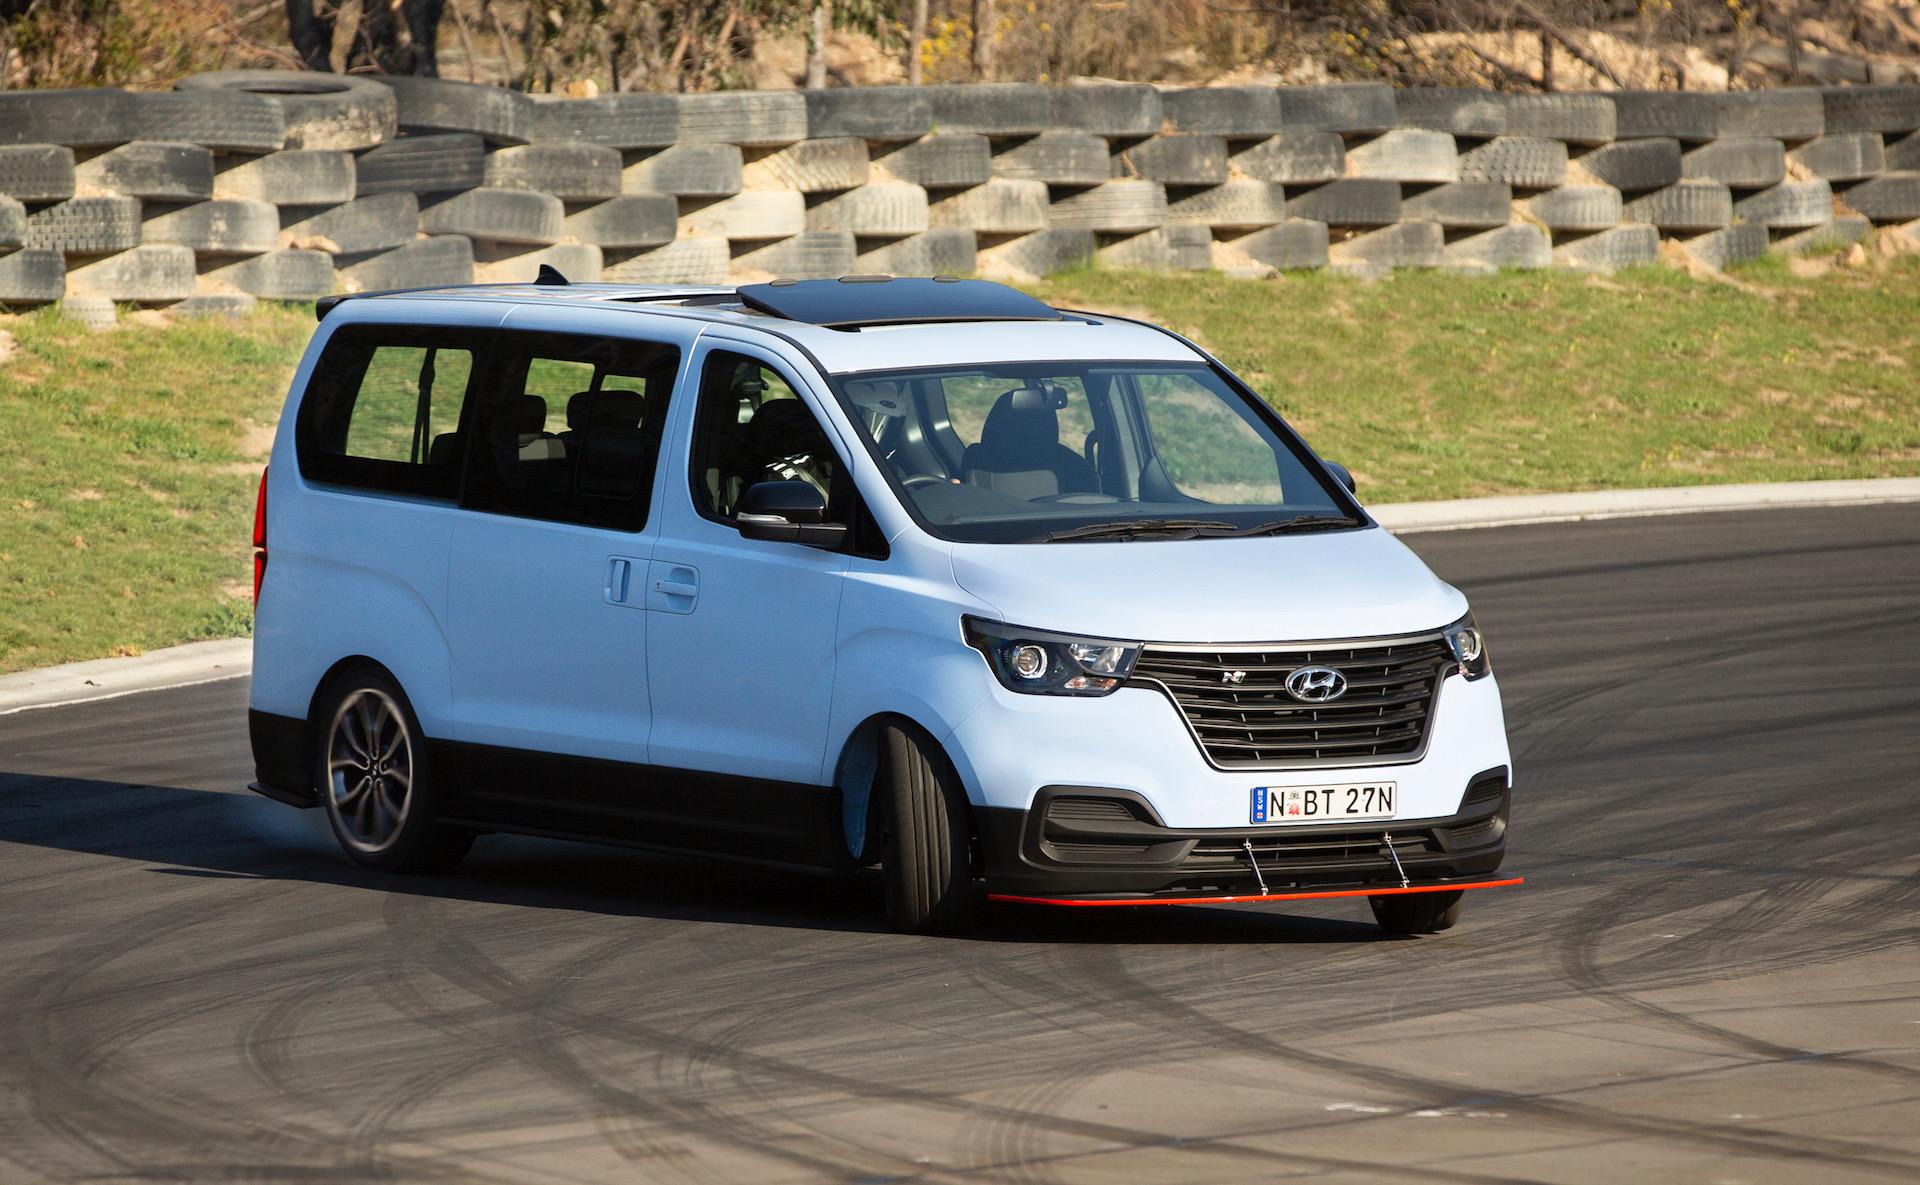 Hyundai iMax N 'Drift Bus' created in Australia, twin-turbo V6 conversion